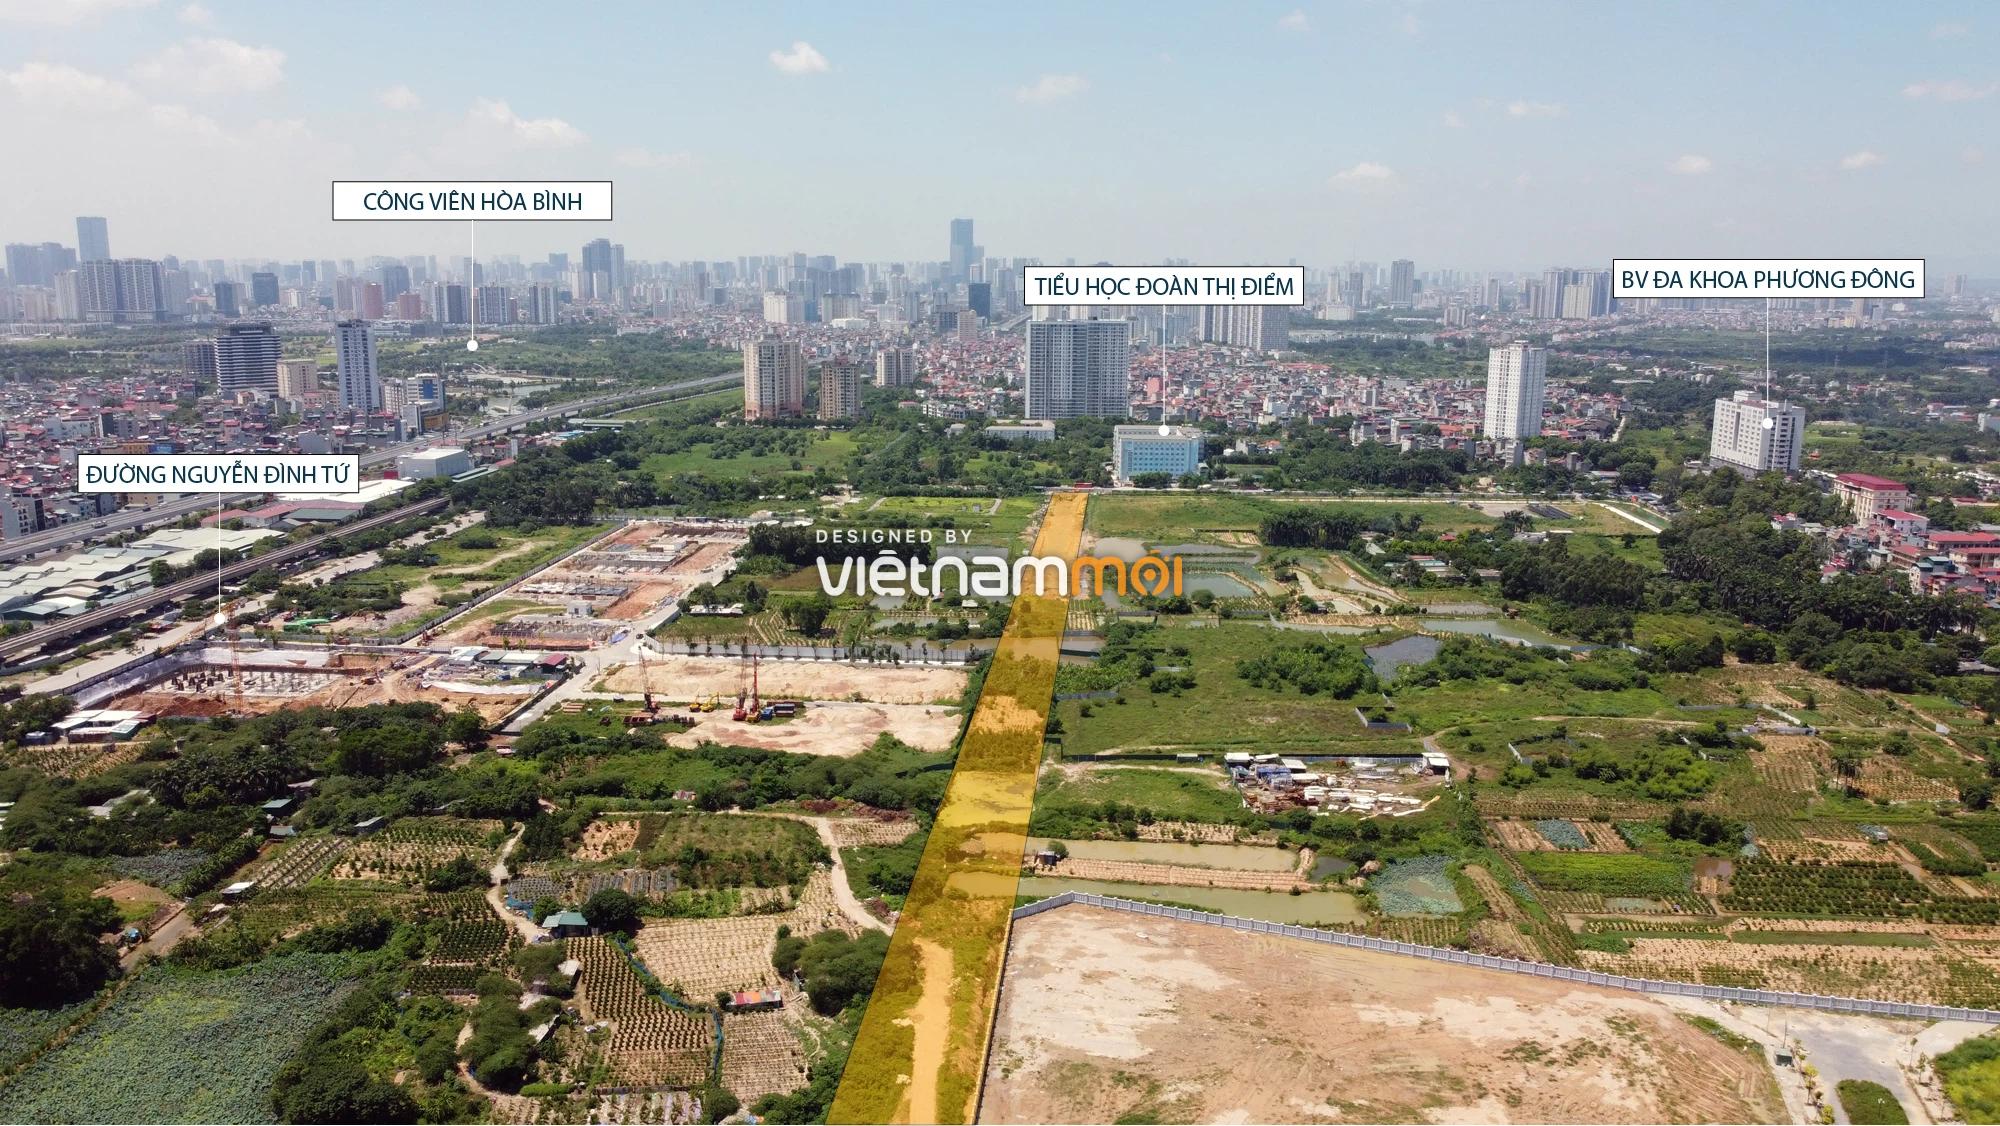 Toàn cảnh tuyến đường nối Hoàng Tăng Bí - Phố Viên đang mở theo quy hoạch ở Hà Nội - Ảnh 12.